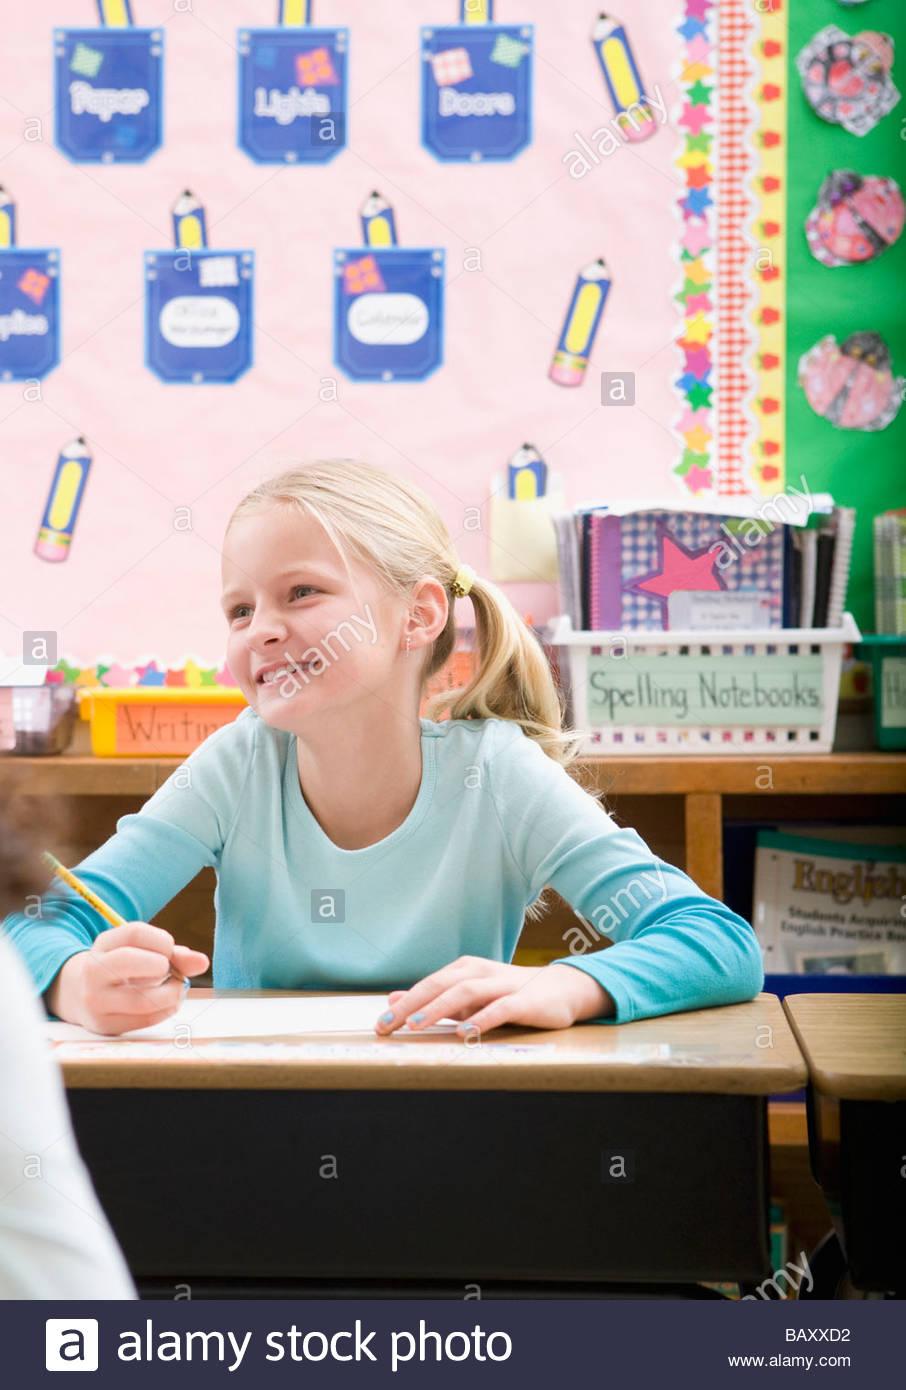 Studenten schreiben am Schreibtisch im Klassenzimmer Stockfoto, Bild ...